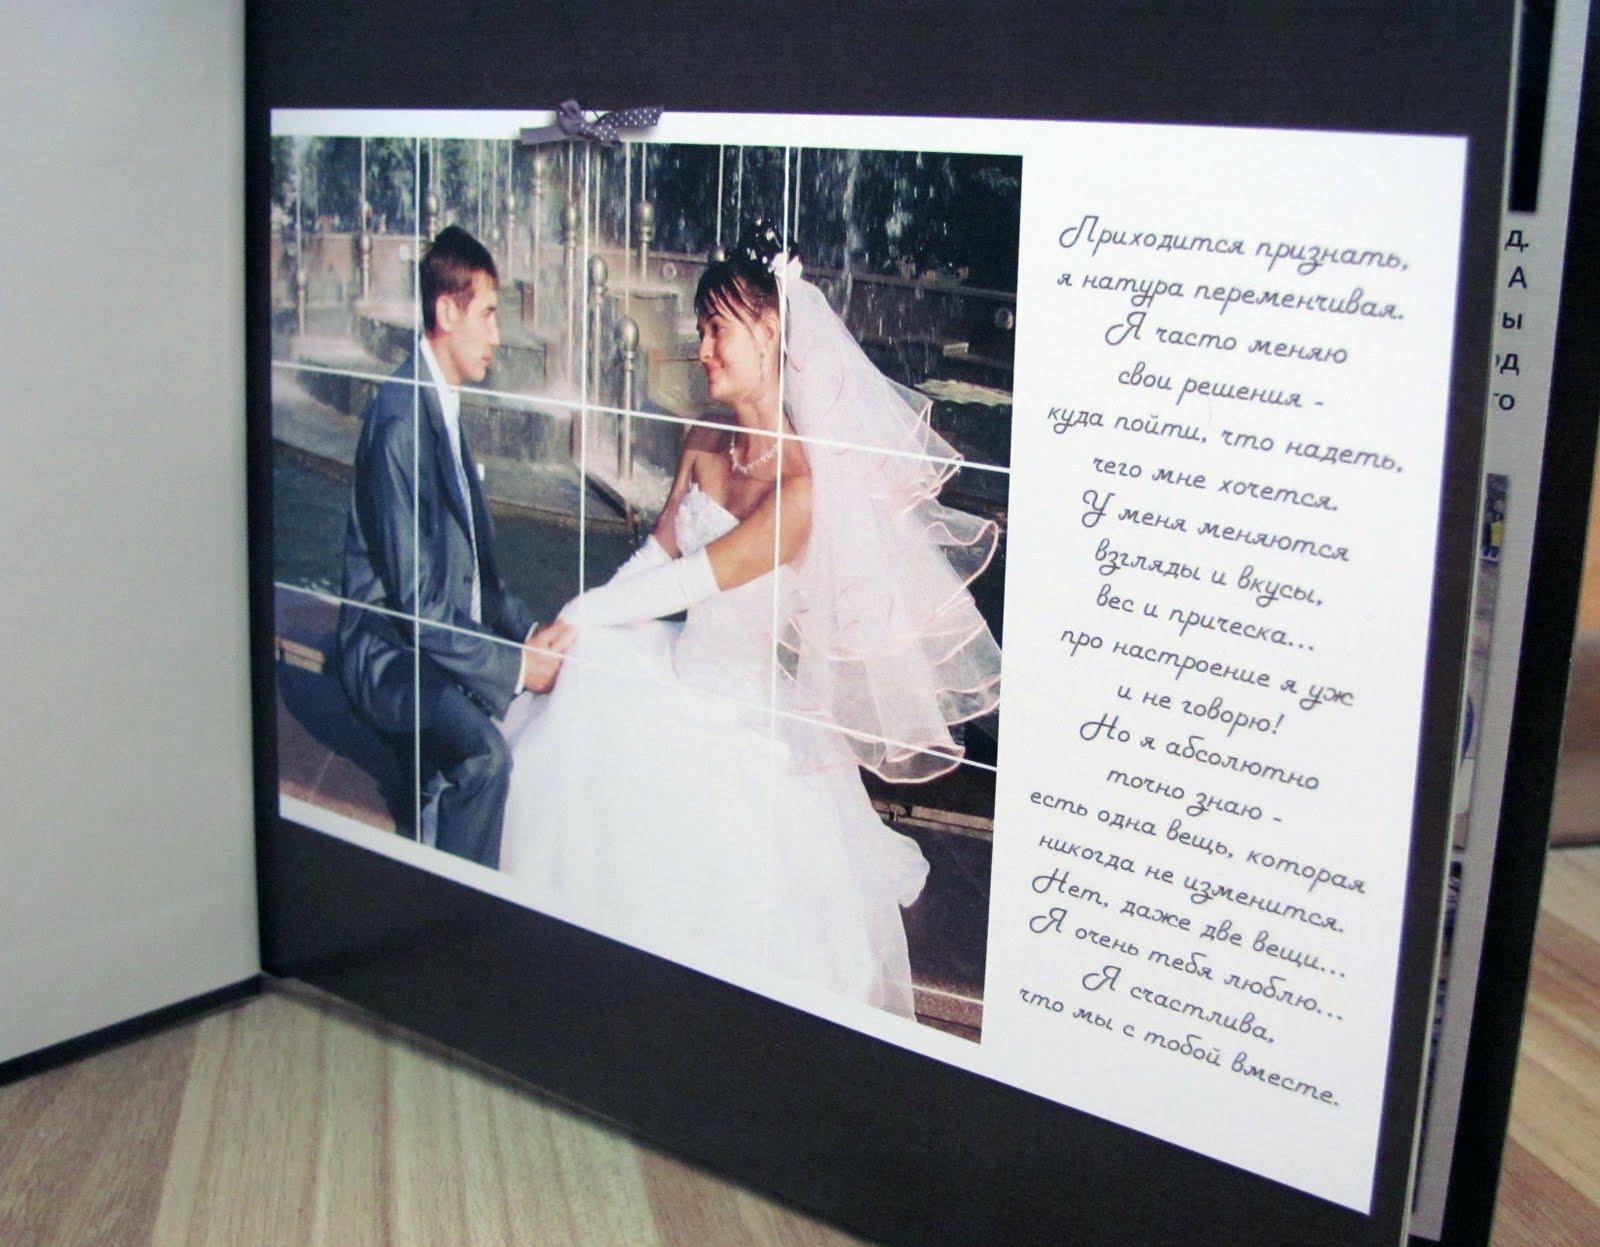 Оригинальный подарок на годовщину свадьбы своими руками